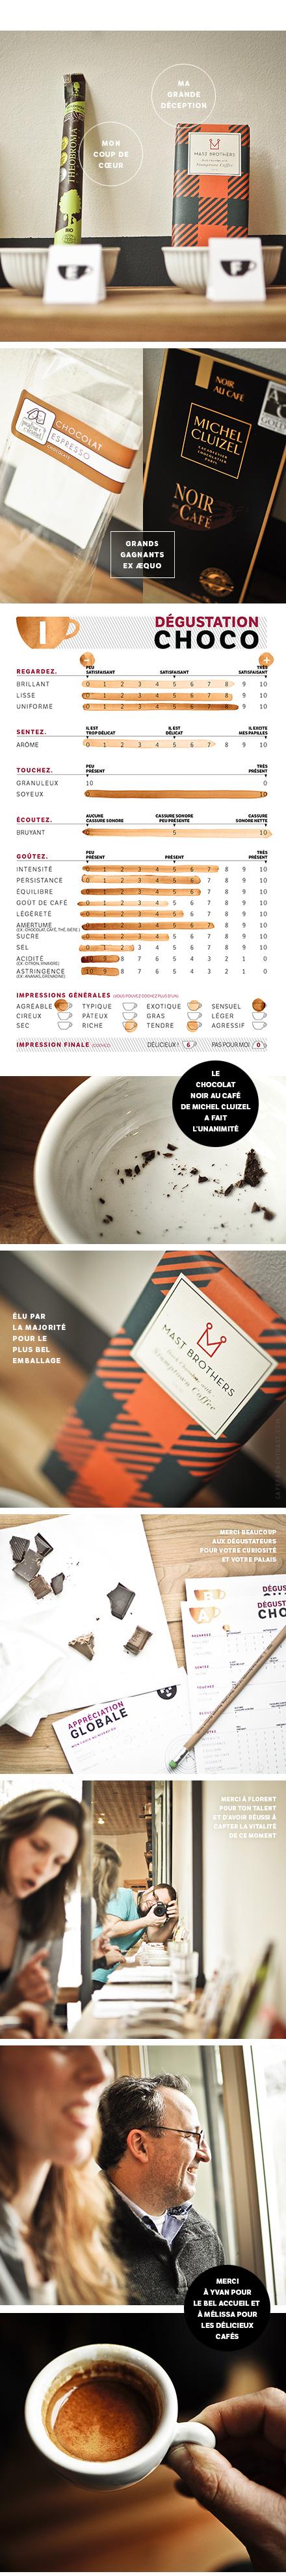 01-04-13-degustation-ChocoCafe-05B